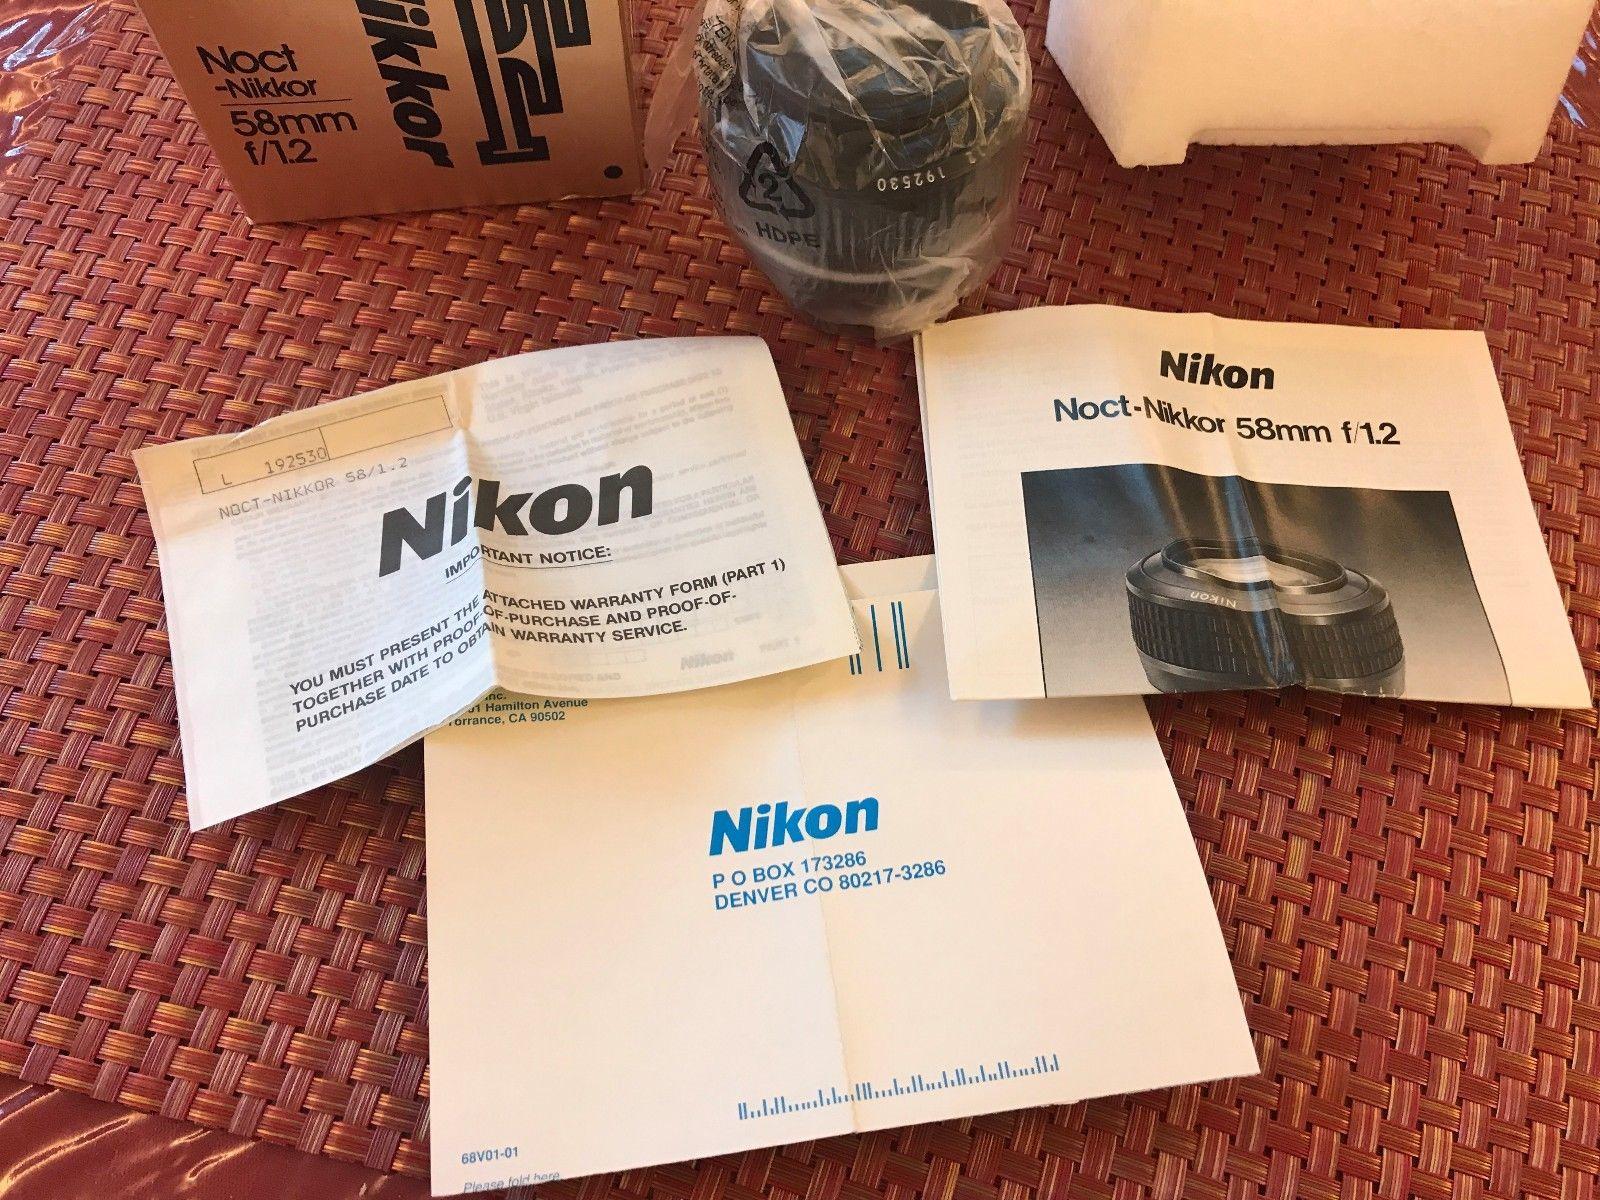 Комплектация Nikon Noct-Nikkor 58mm f/1.2